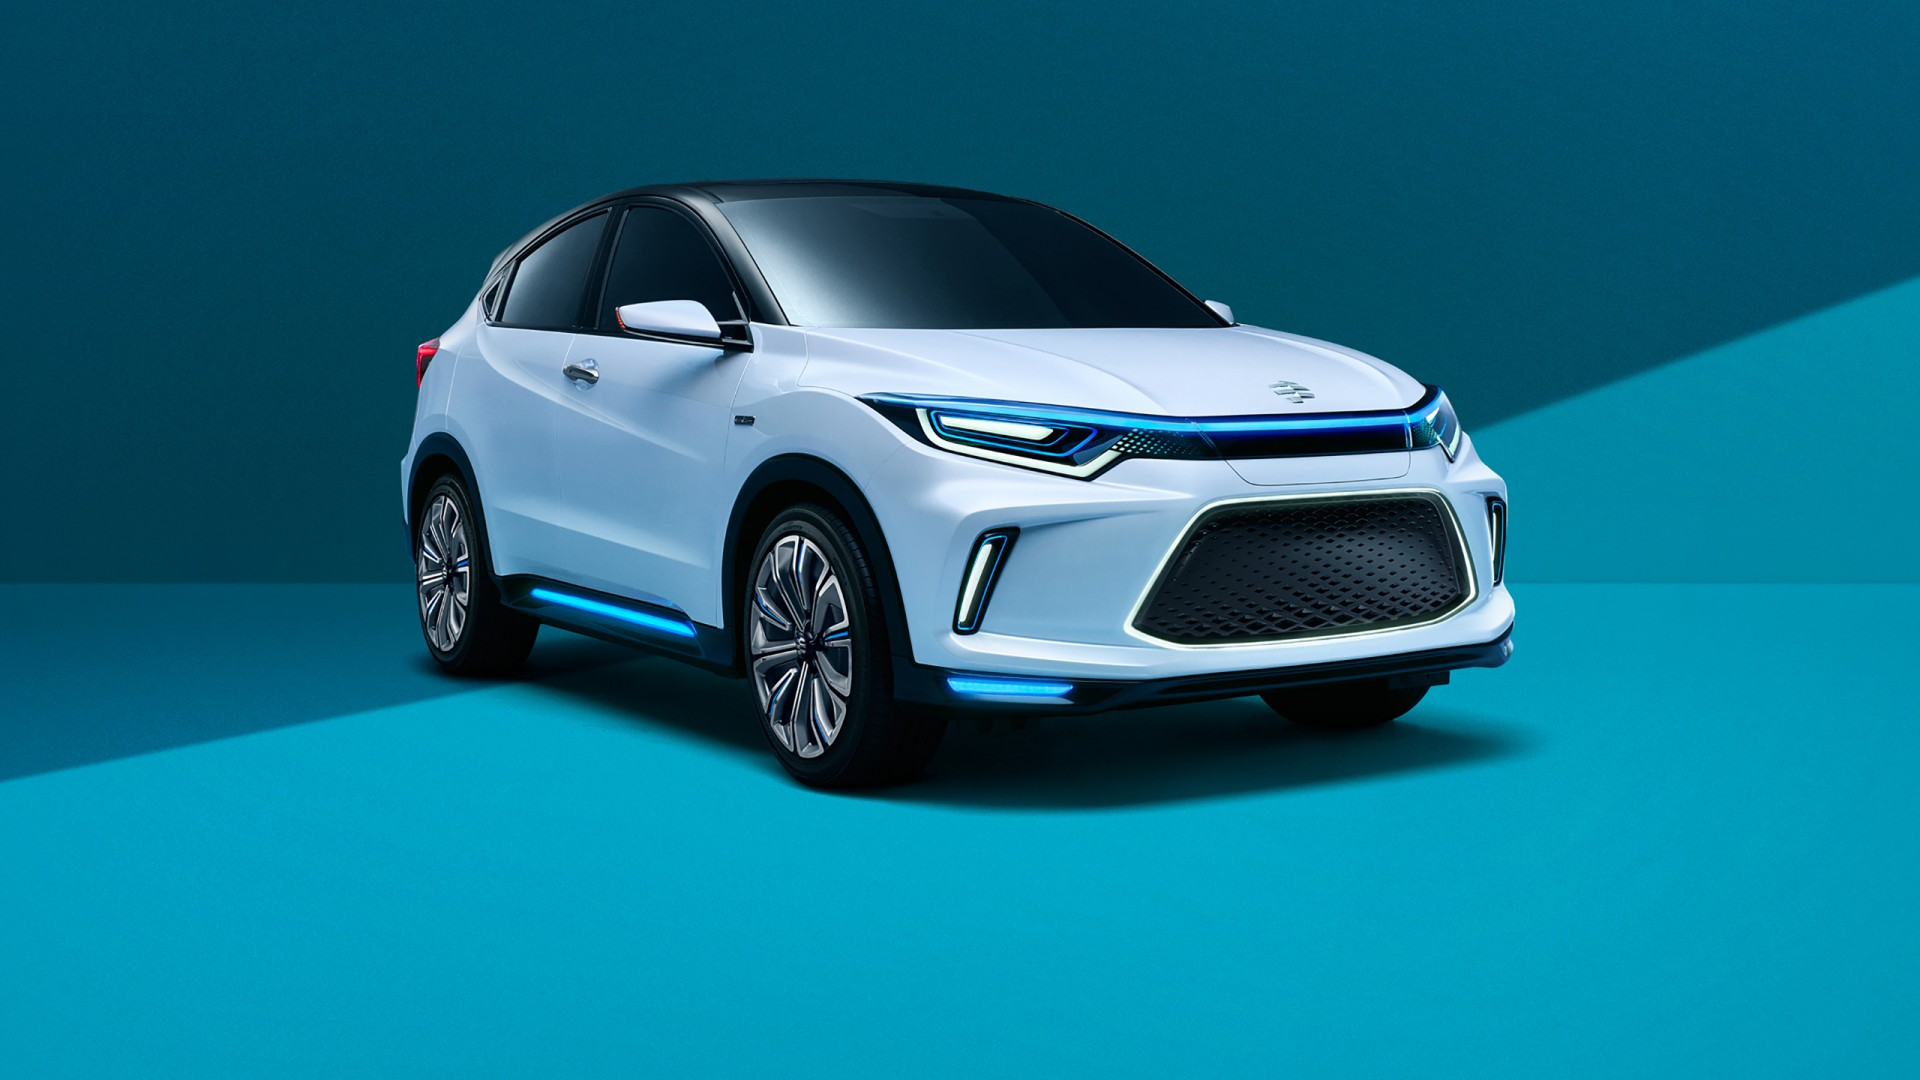 2018 Honda Everus Ev Concept Wallpaper Hd Car Wallpapers